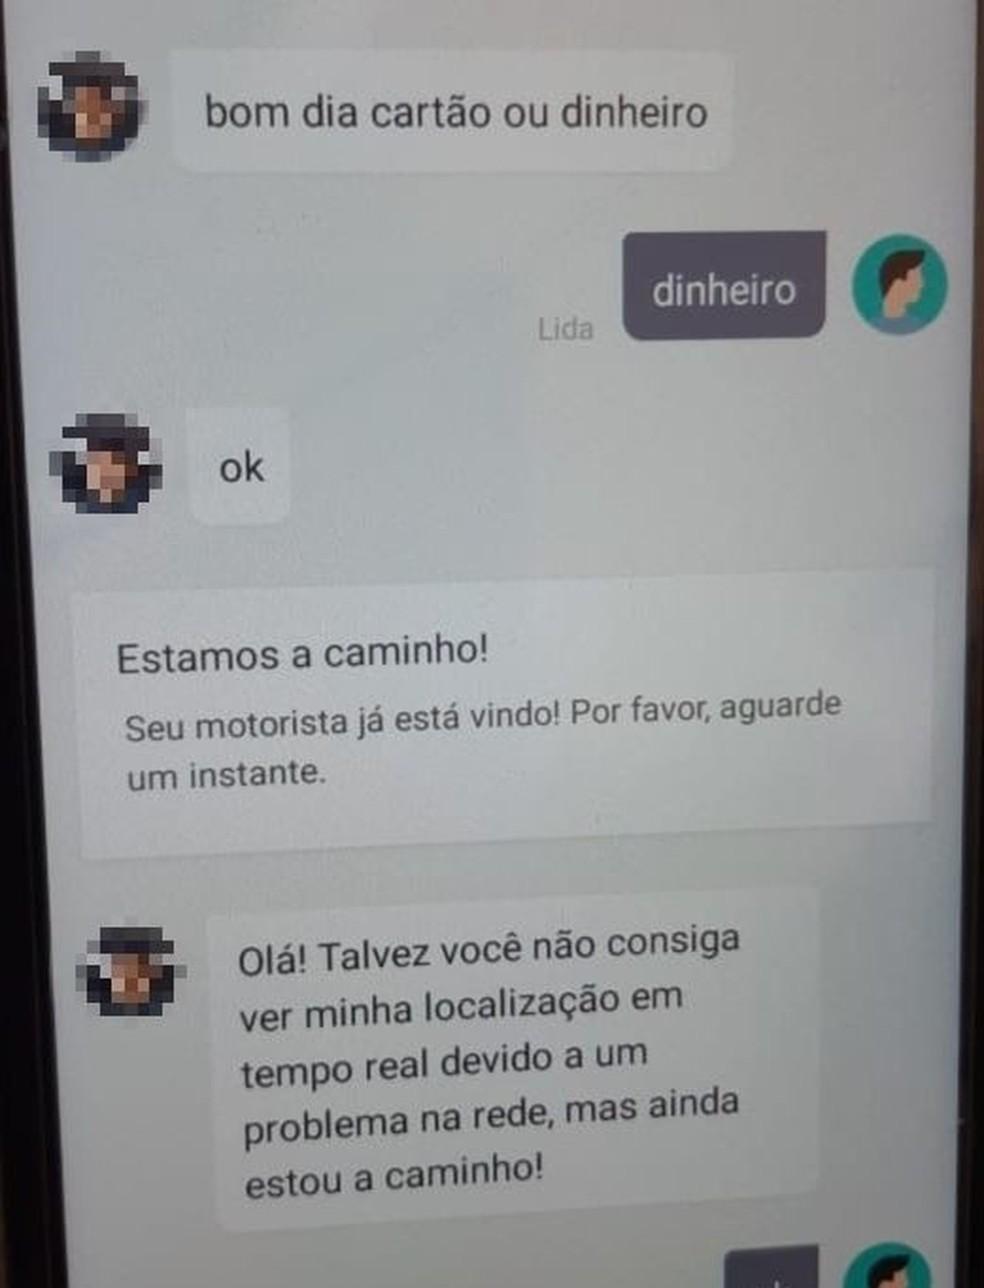 Diálogo entre o suspeito e passageira que estava no carro quando ele foi preso em flagrante na Praia do Futuro após assaltar mulher na rua — Foto: Leábem Monteiro/SVM